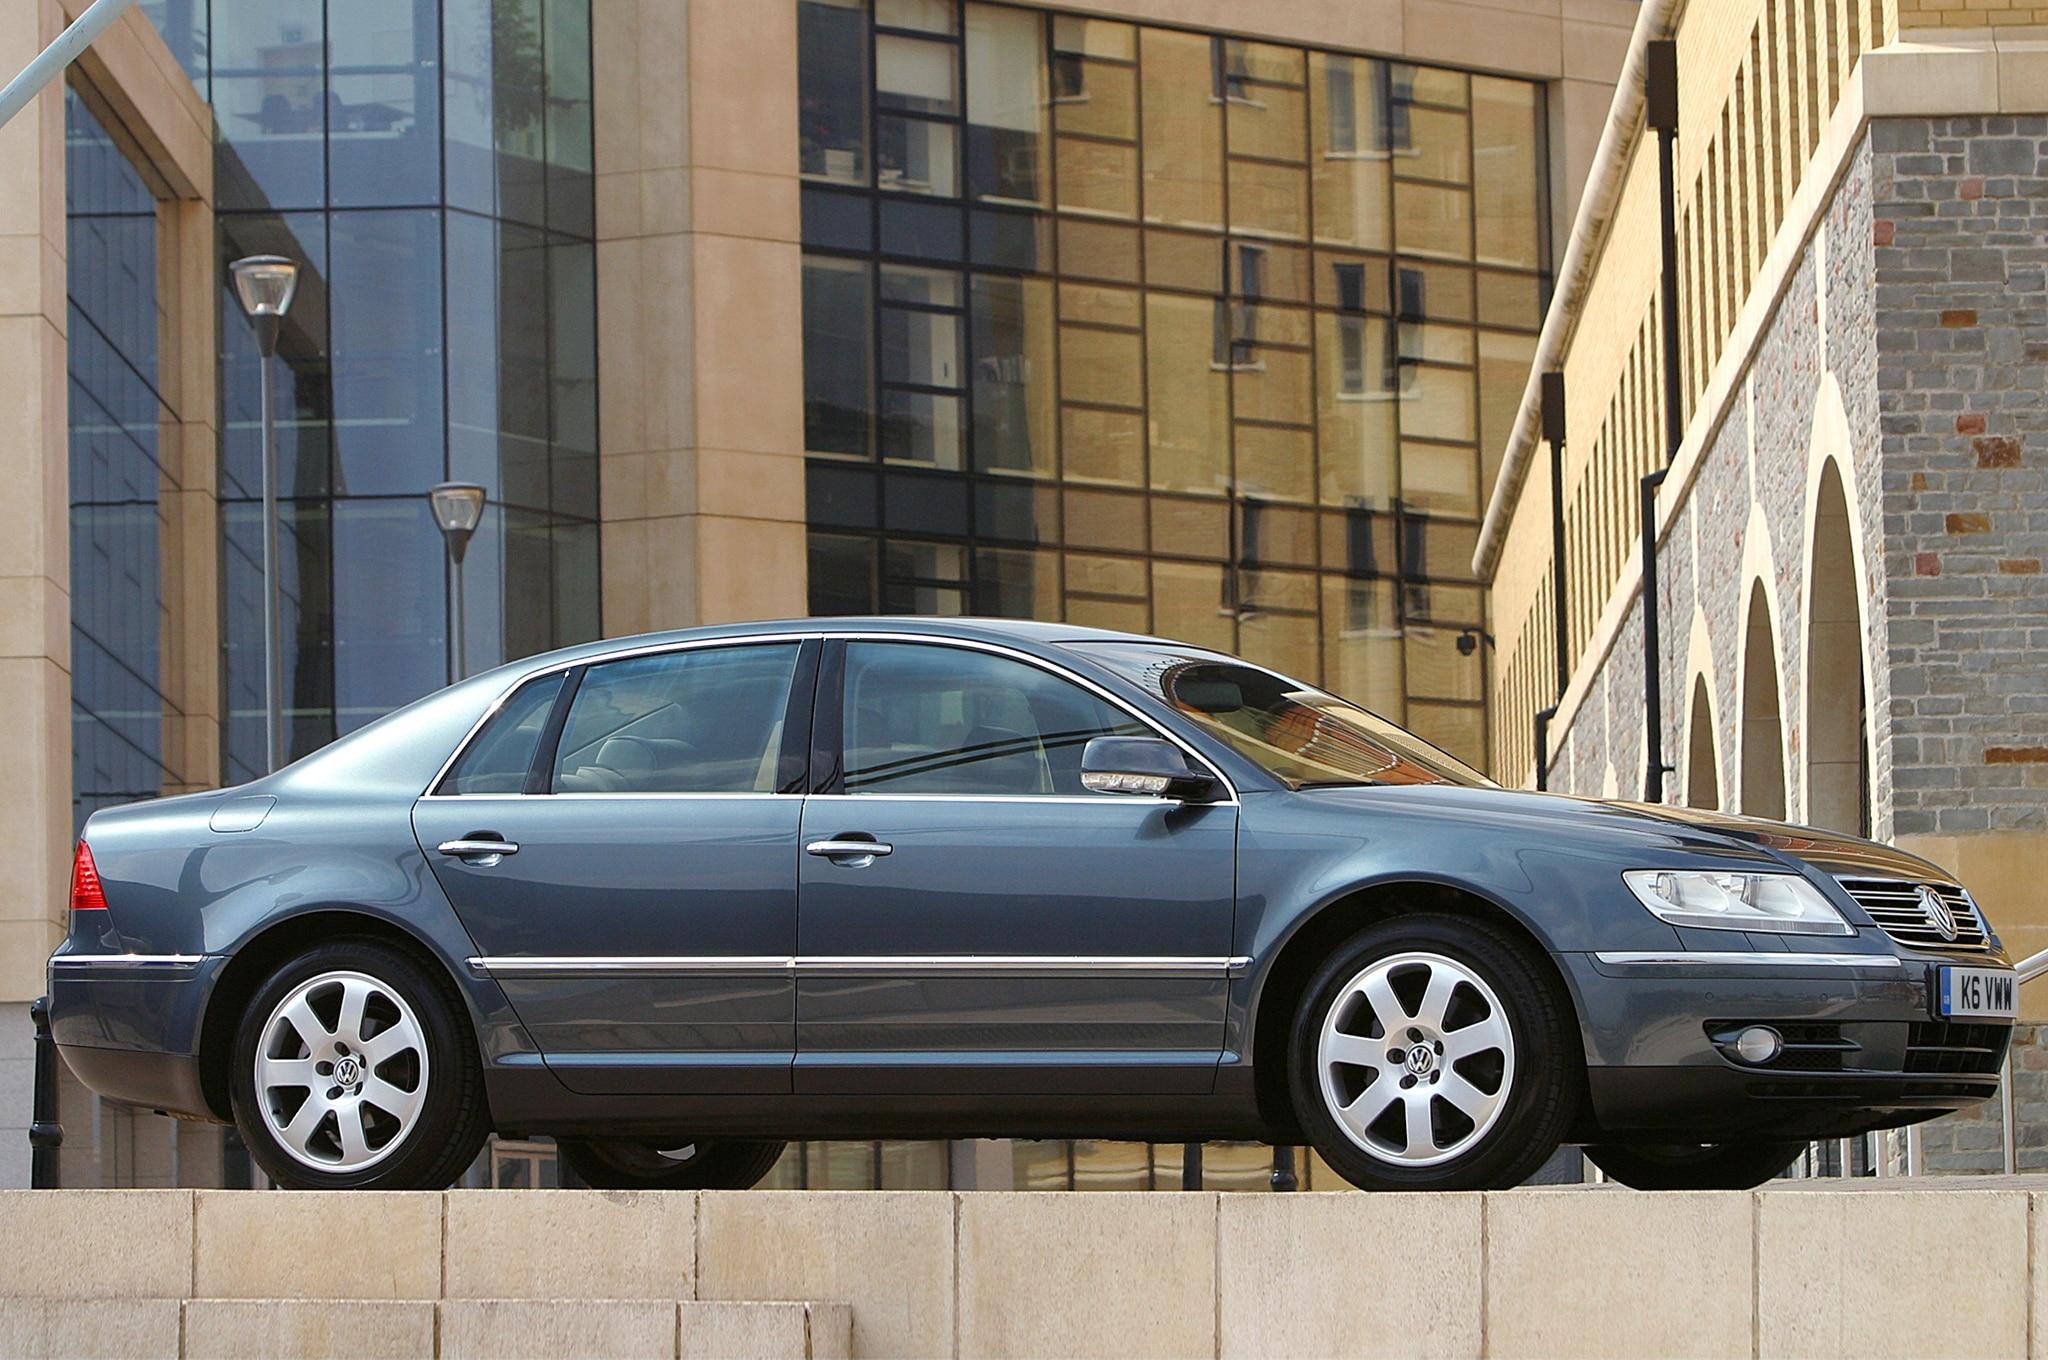 First Gen Volkswagen Phaeton Euro Spec Side